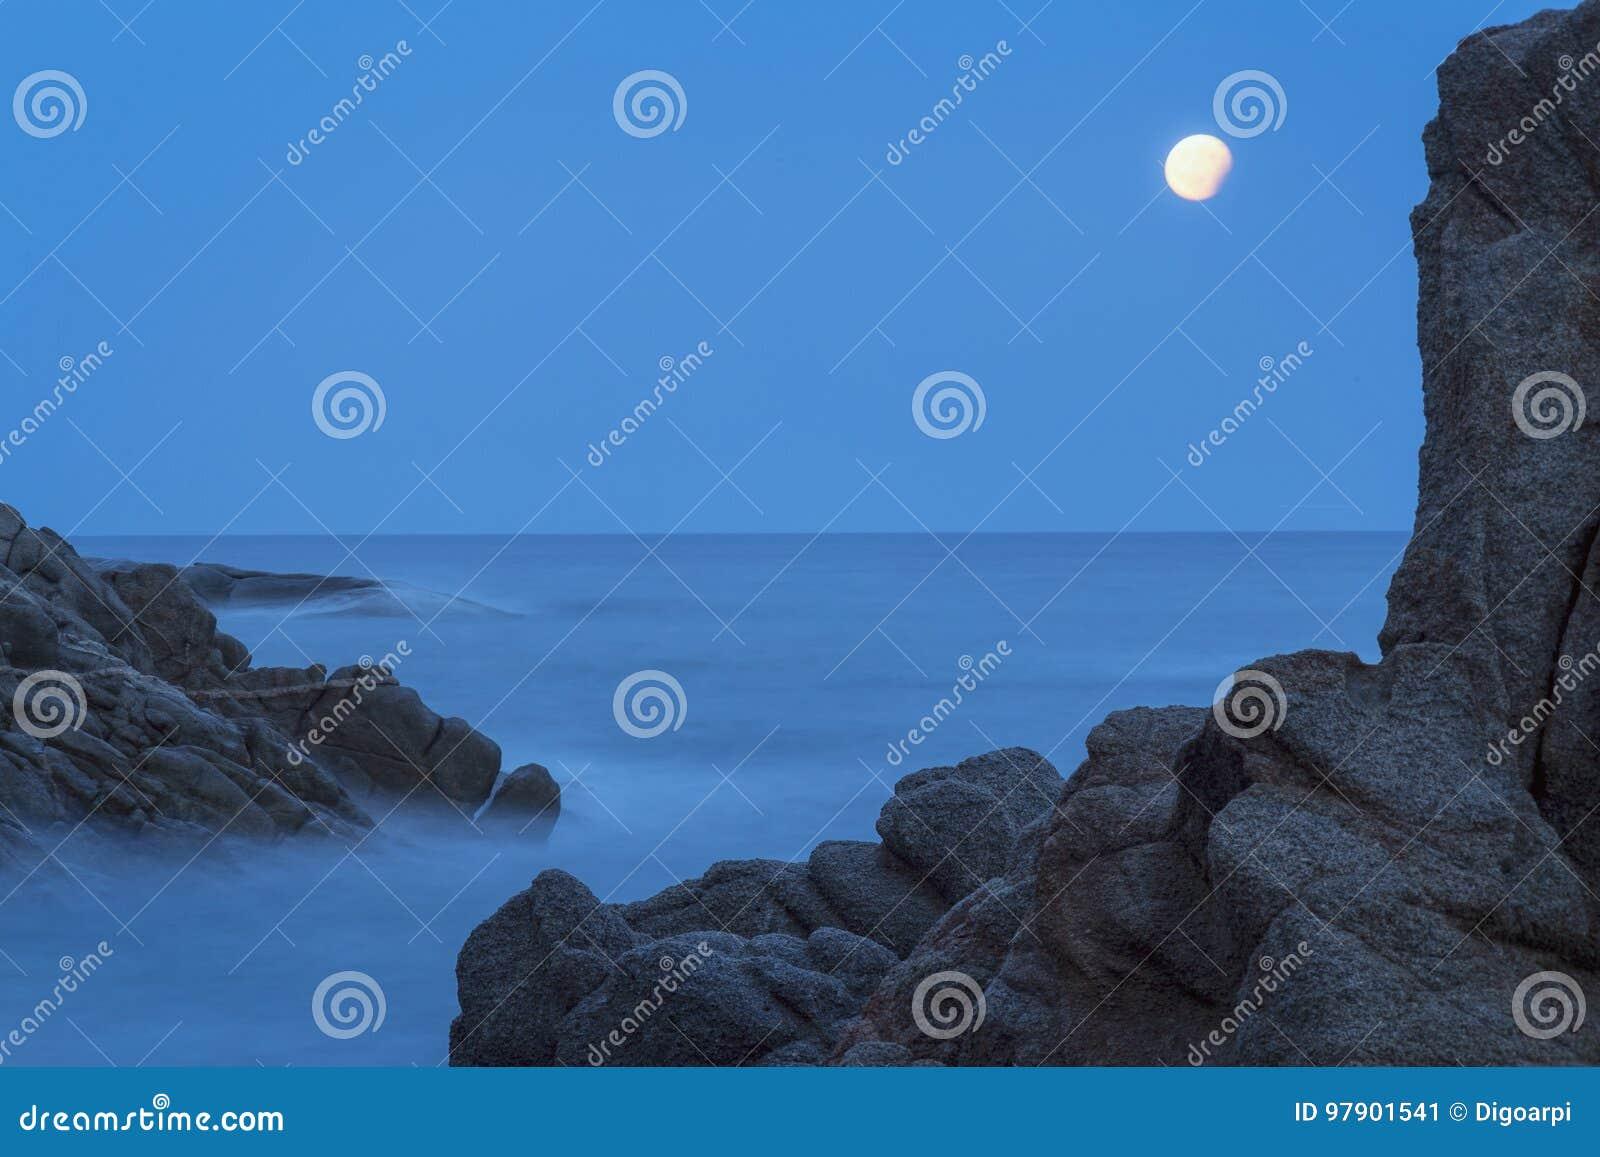 Tiro litoral com rochas, imagem longa da noite da exposição da costela